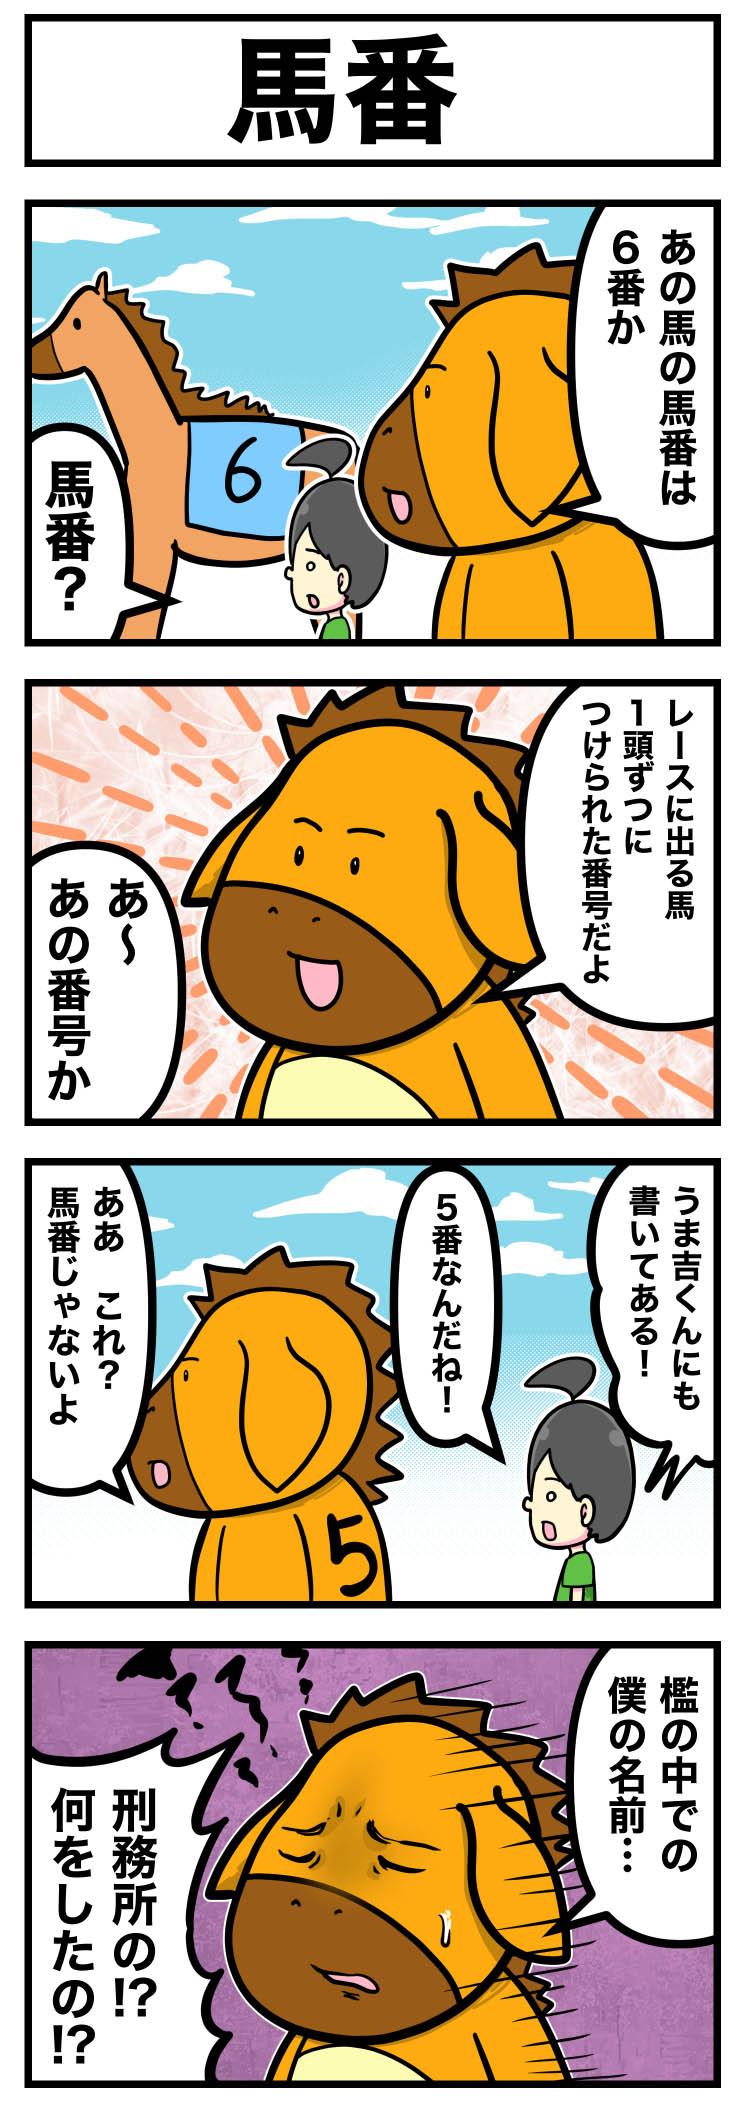 馬番【うま吉の鉄板穴馬マンガ】